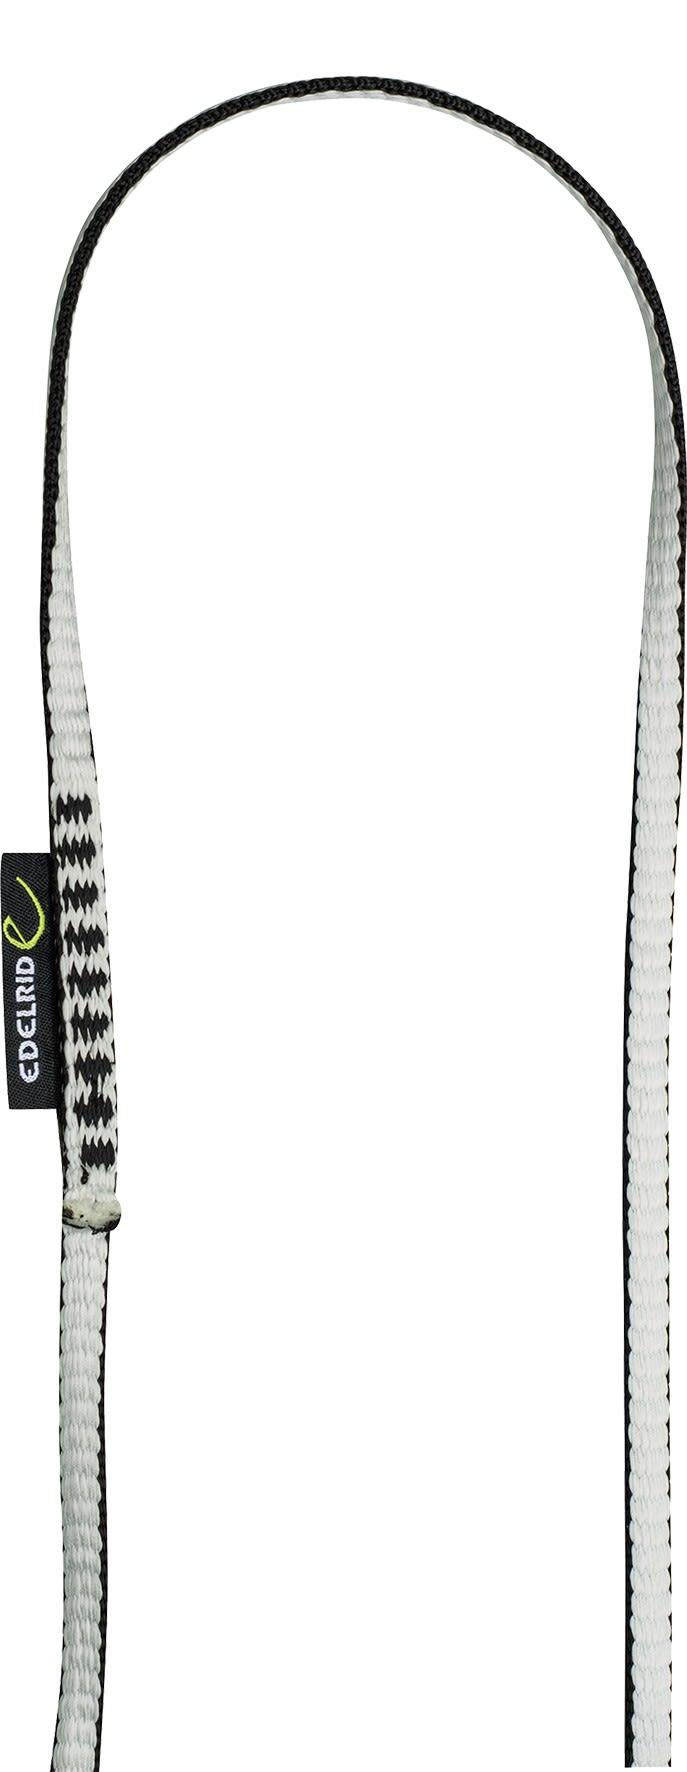 Edelrid Dyneema Sling 8MM 240cm | Größe 240 cm |  Kletterausrüstung